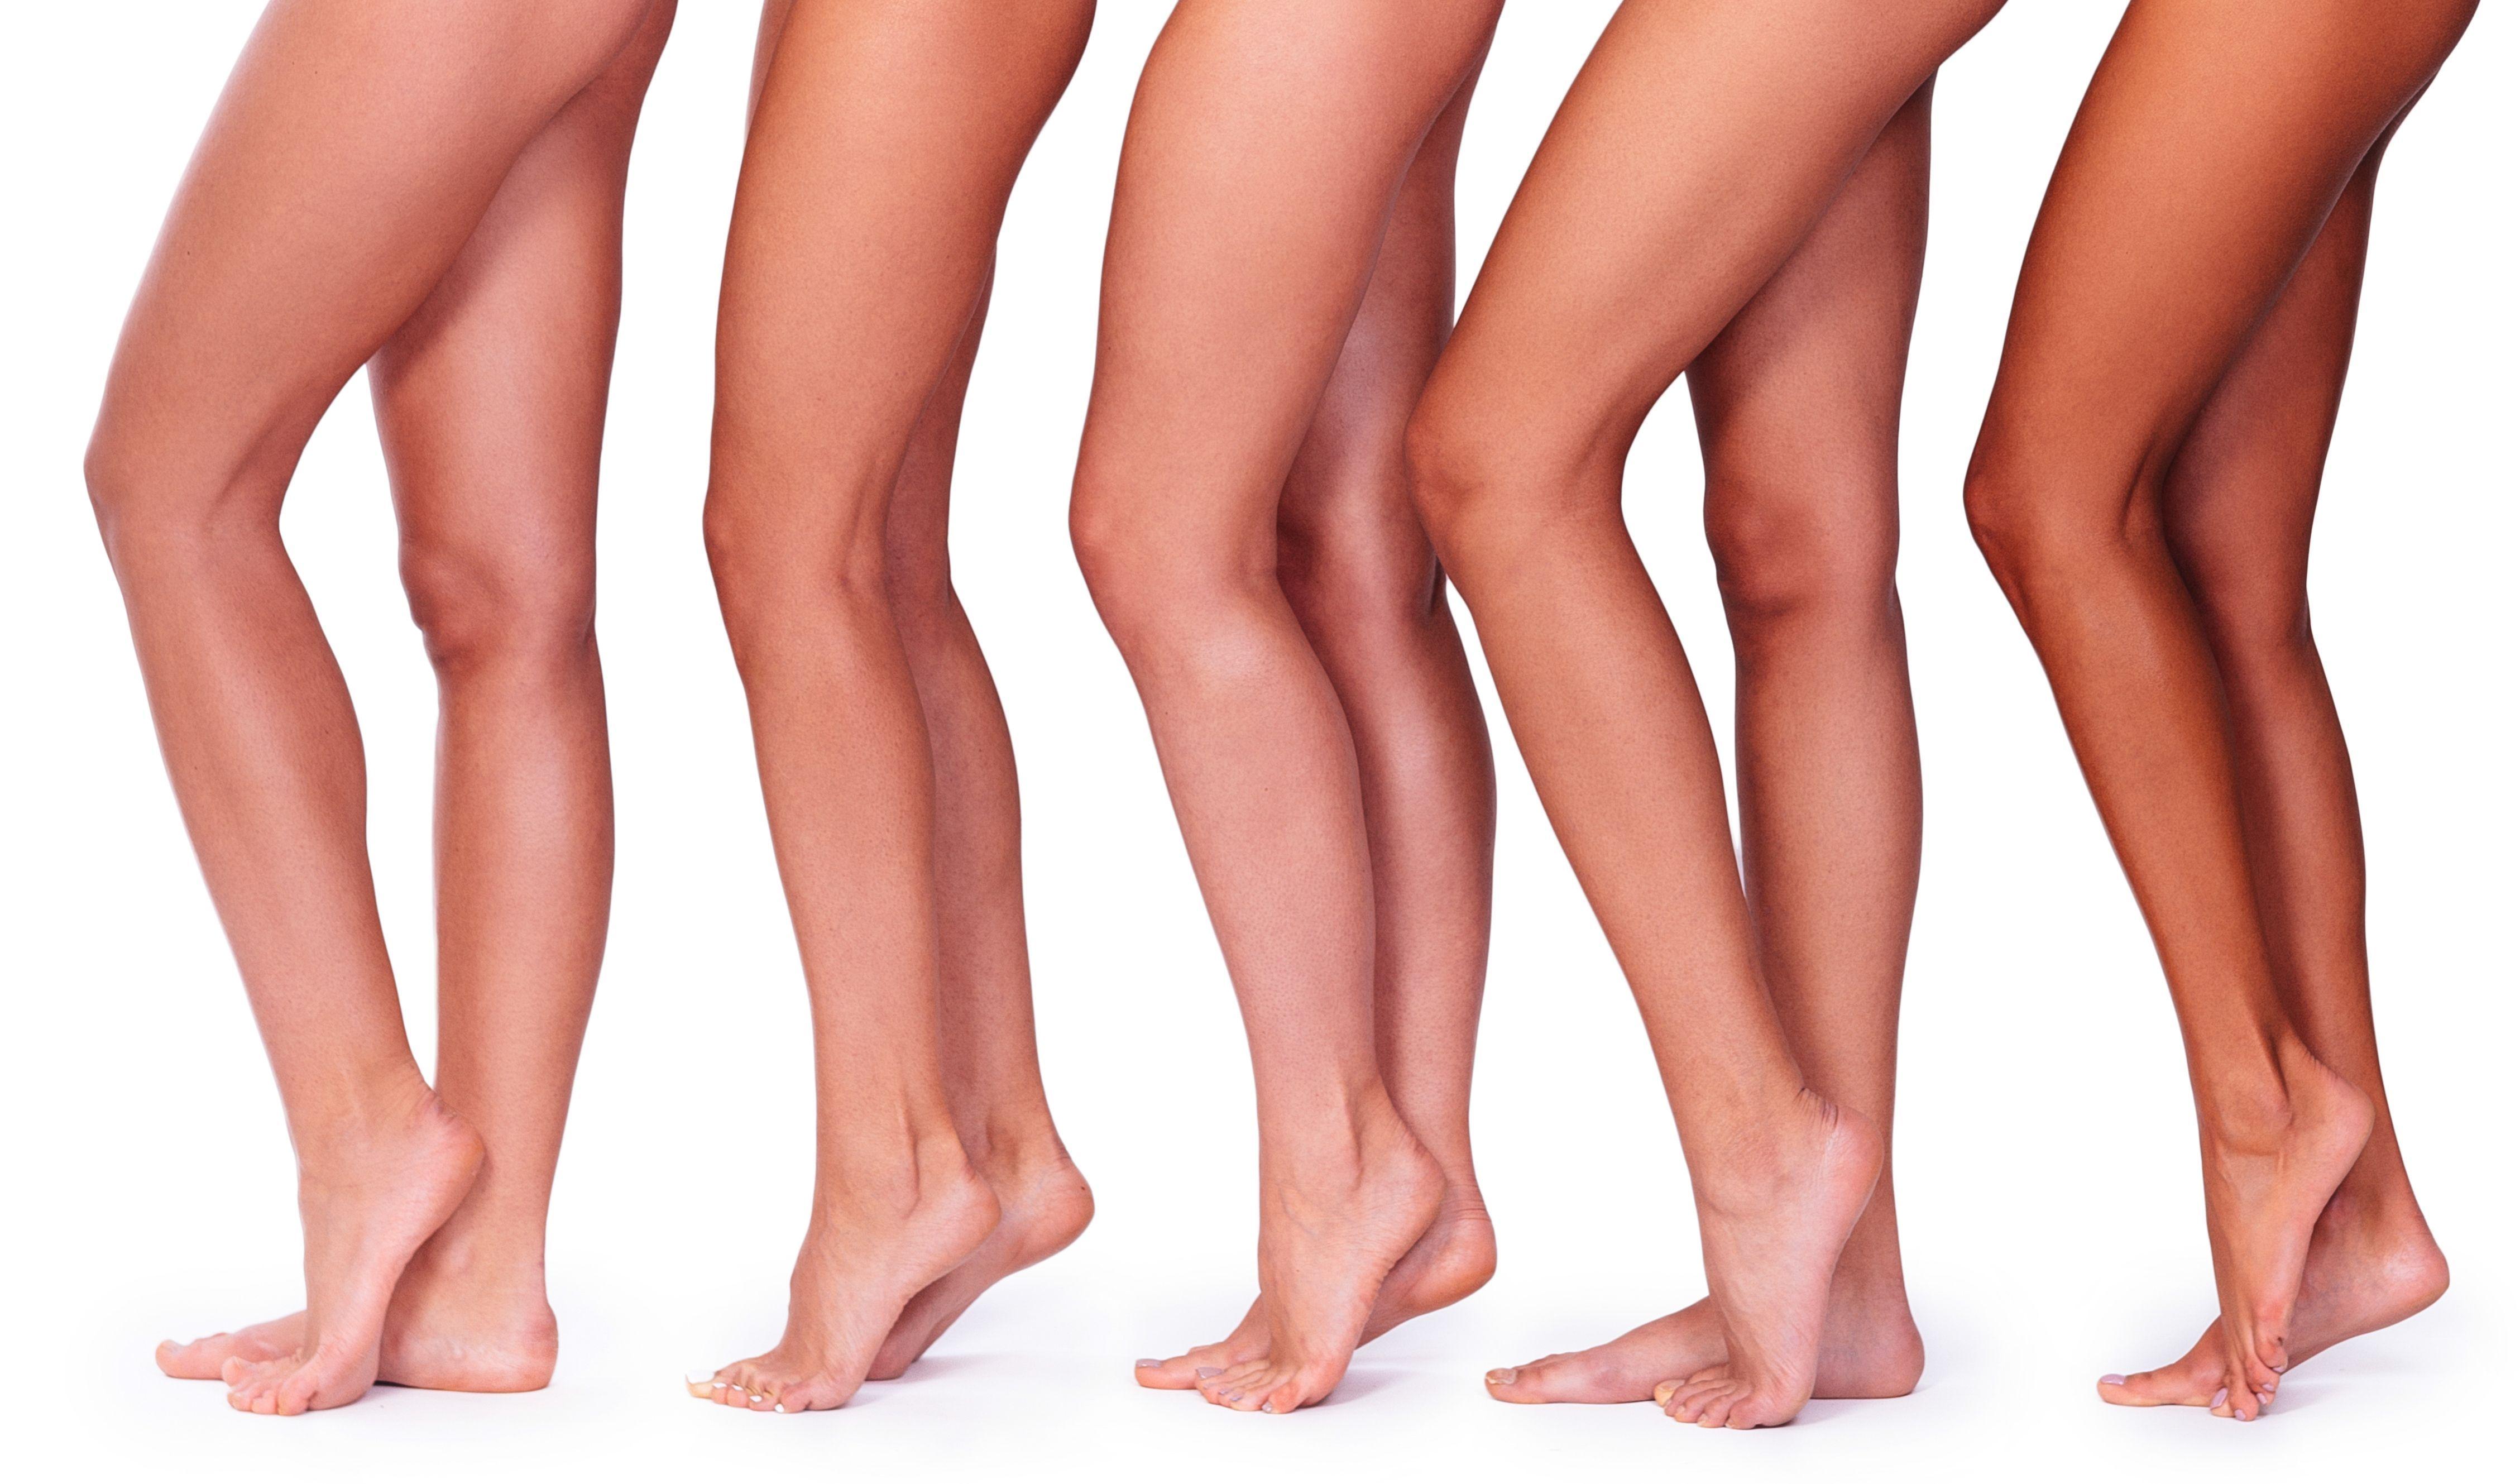 visszérrel kapcsolatos injekciók vitaminok a visszerek a lábakban